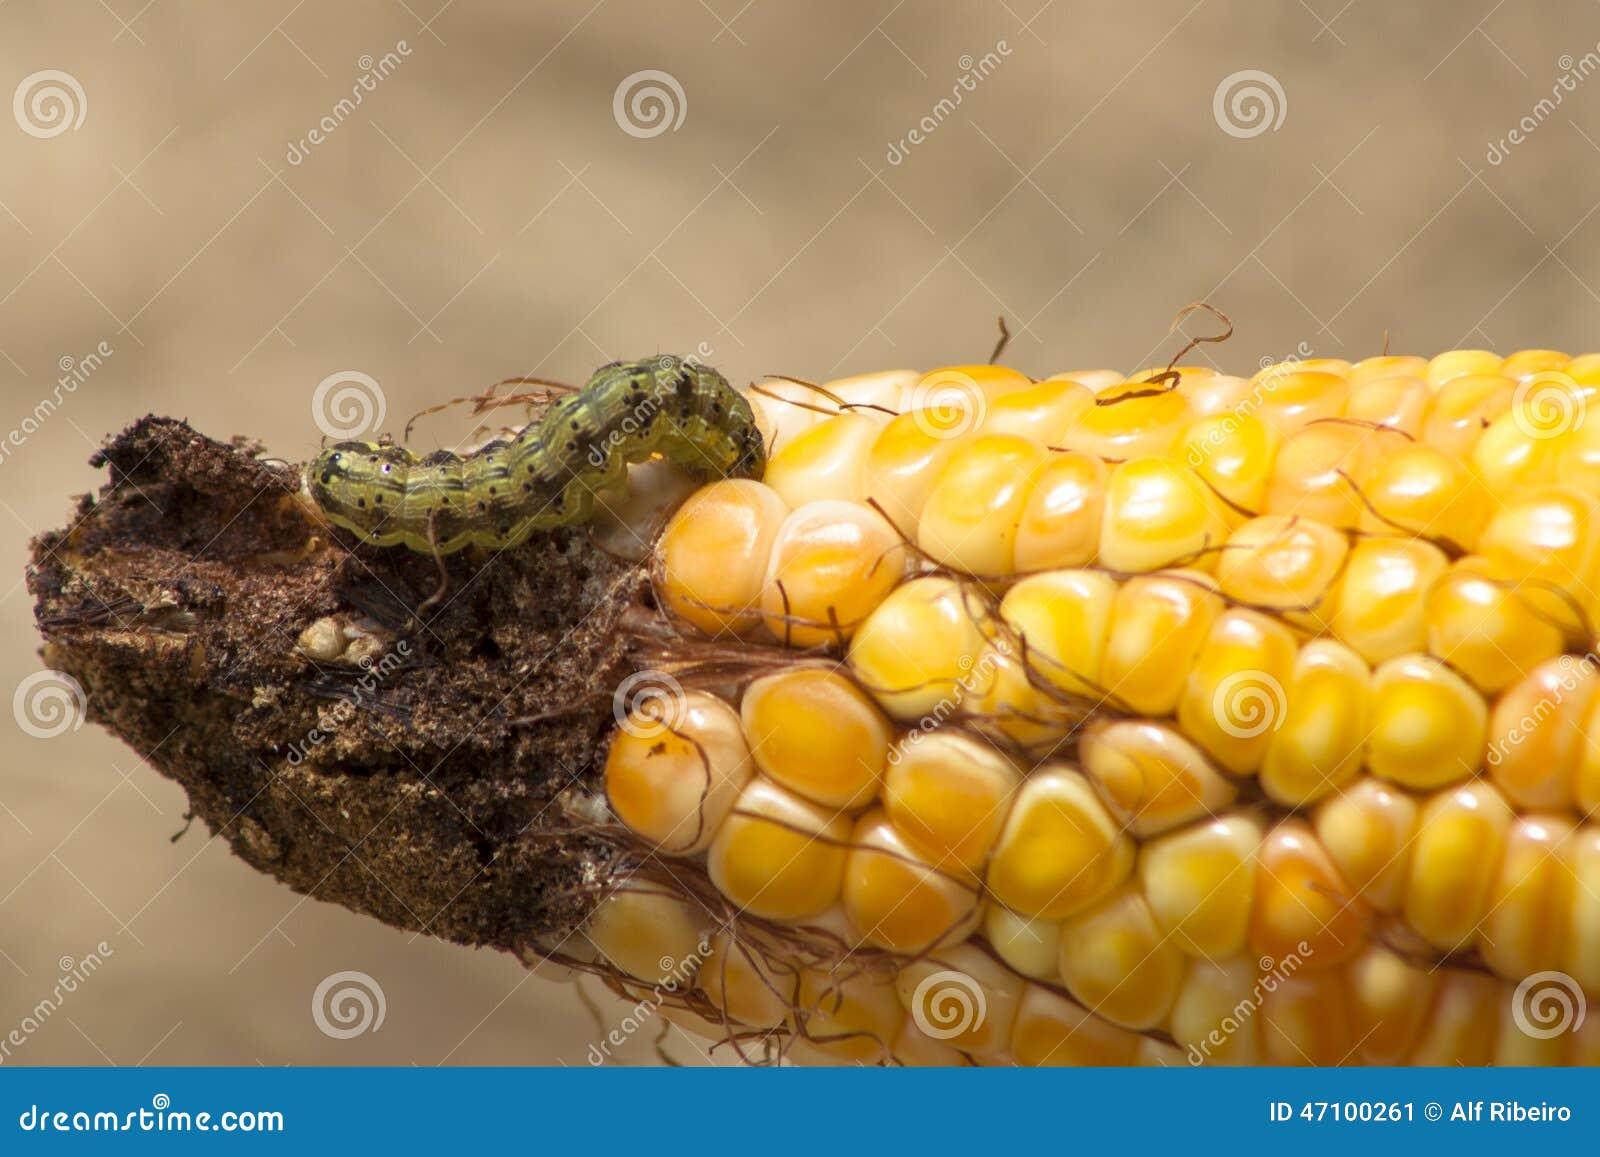 Wurm im Mais